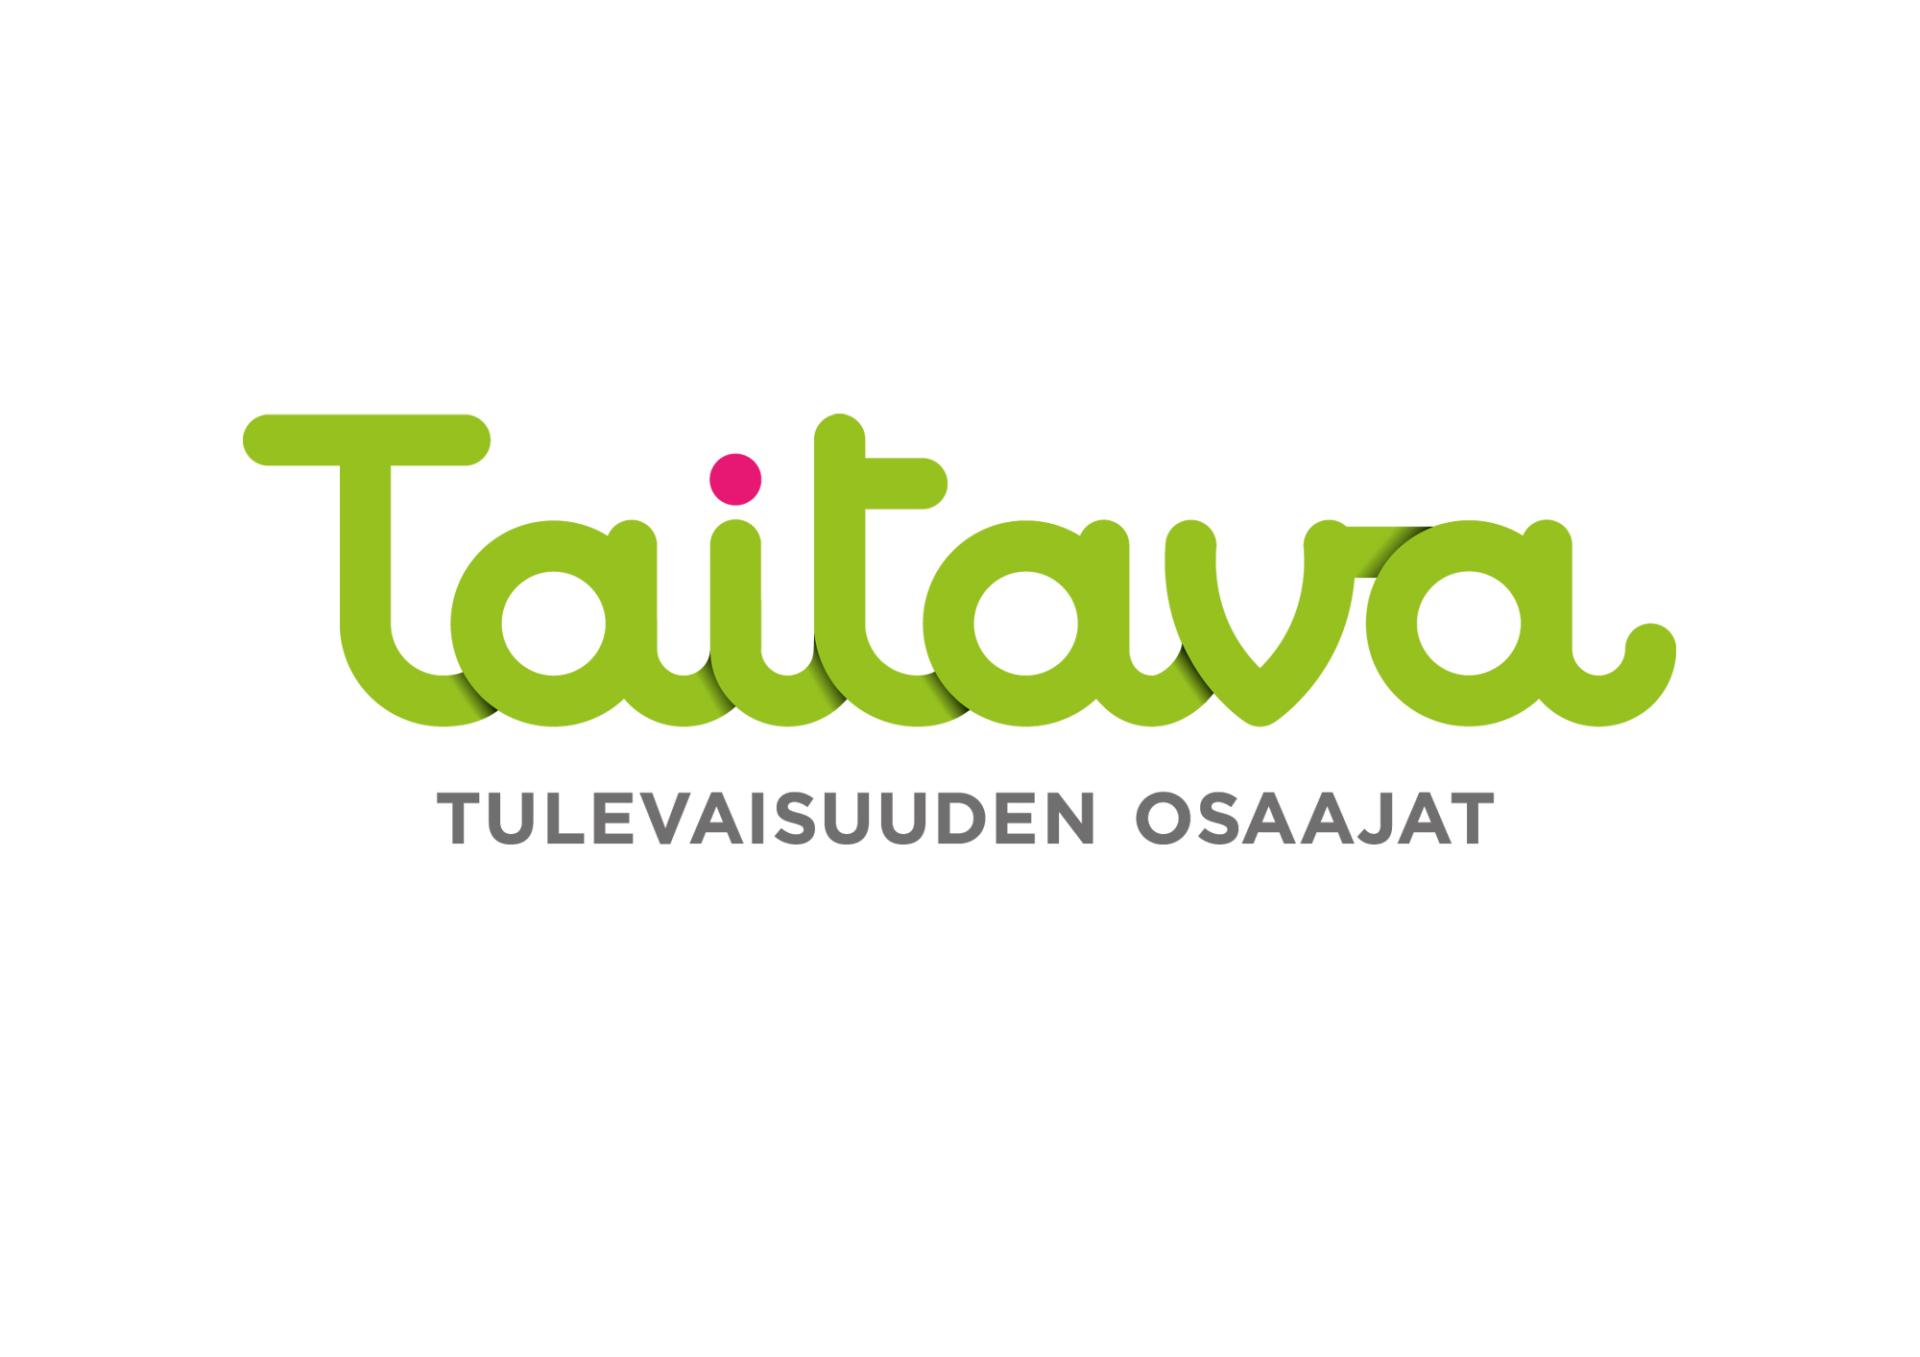 Taitava - tulevaisuuden osaajat -hankkeen logo.